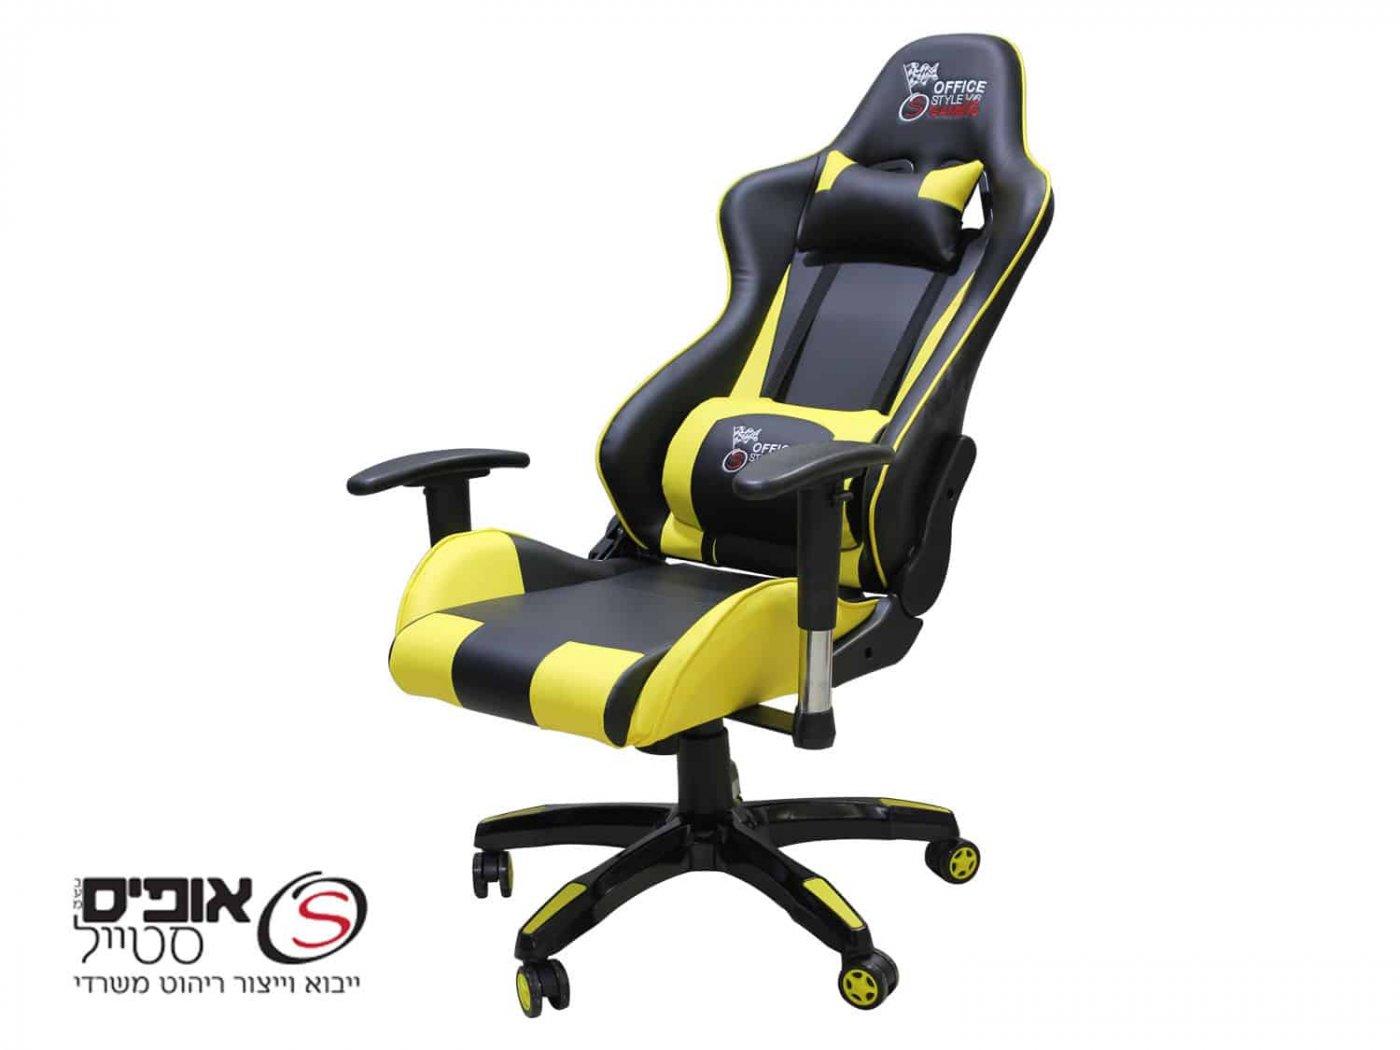 כסא גיימר דגם  לוקאס